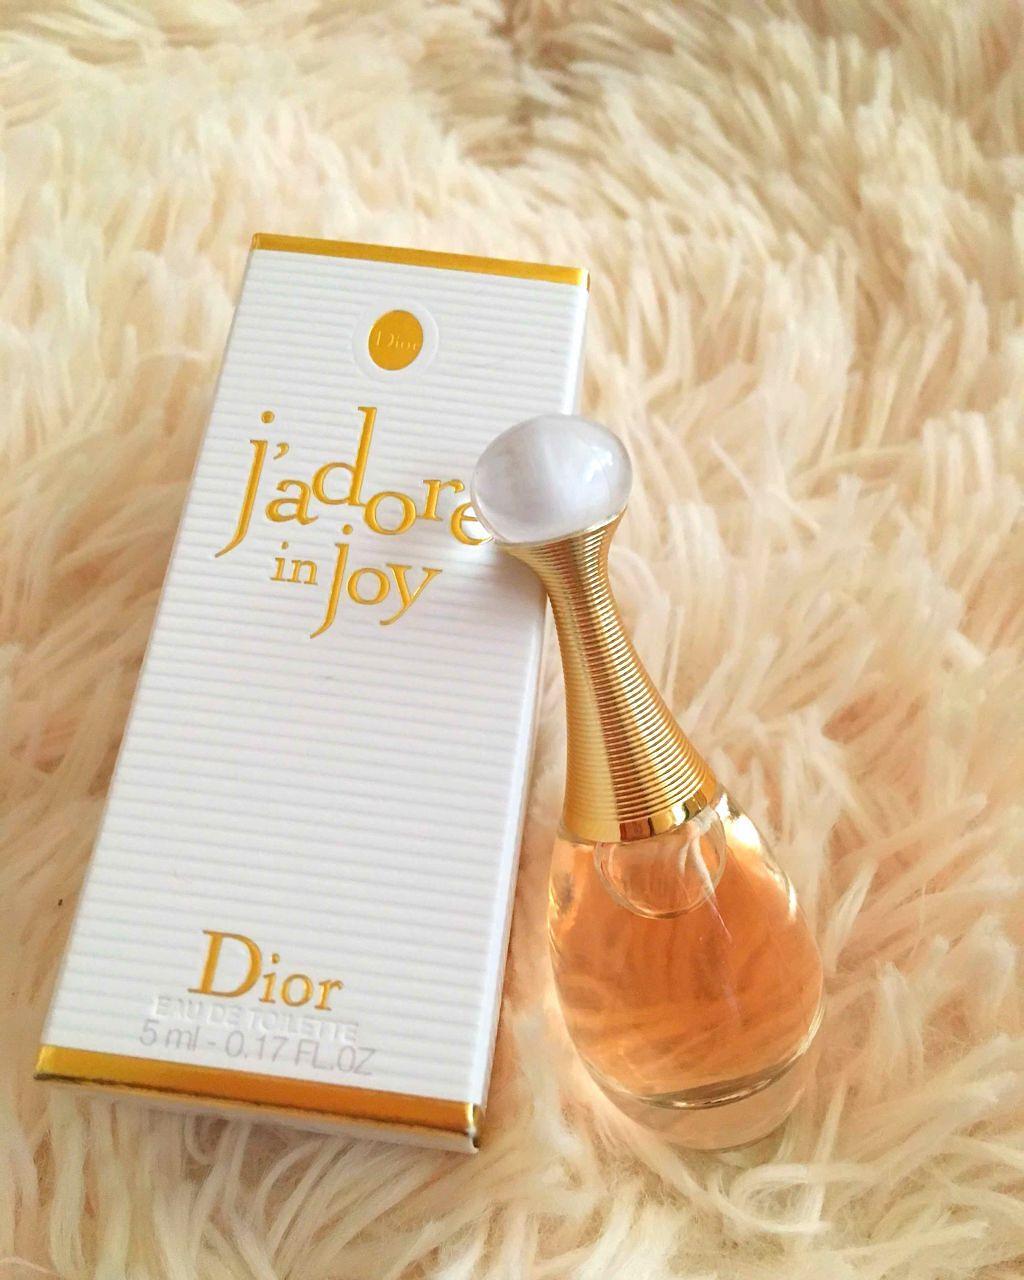 ジャドール イン ジョイ/ディオール/香水(レディース)を使ったクチコミ(1枚目)